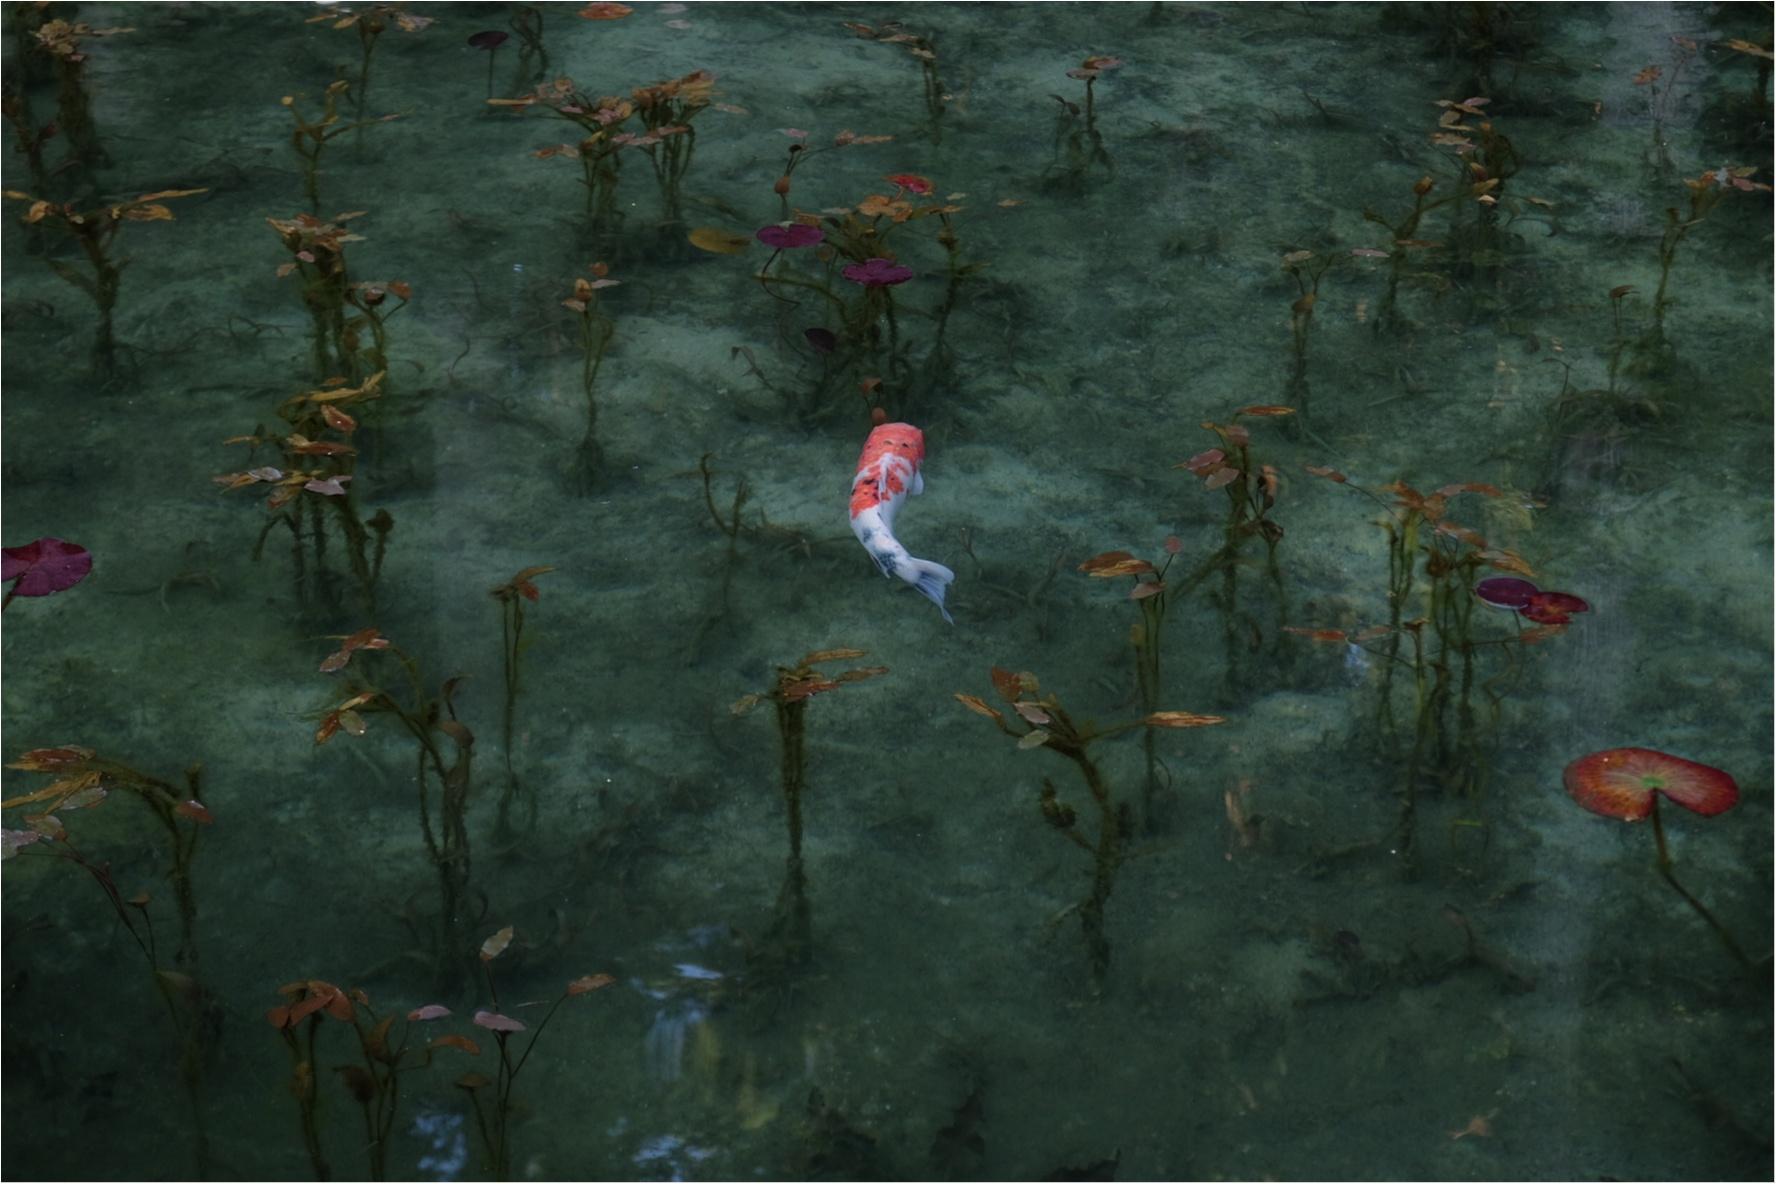 岐阜女子旅特集《2019年版》- 「モネの池」や「モザイクタイルミュージアム」などおすすめのスポット&グルメまとめ_15